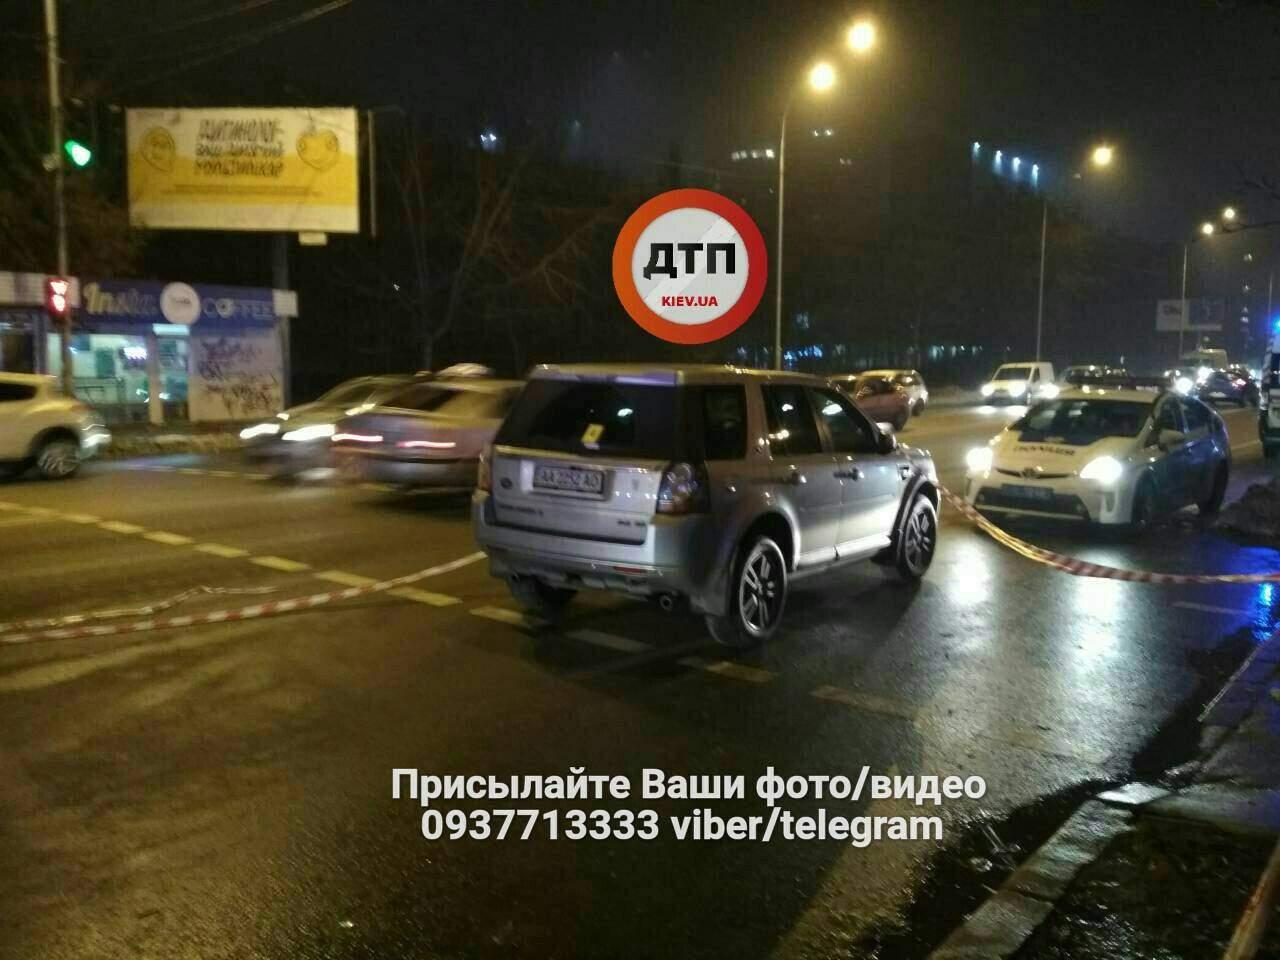 В Киеве водитель сбил насмерть пешехода (фото)